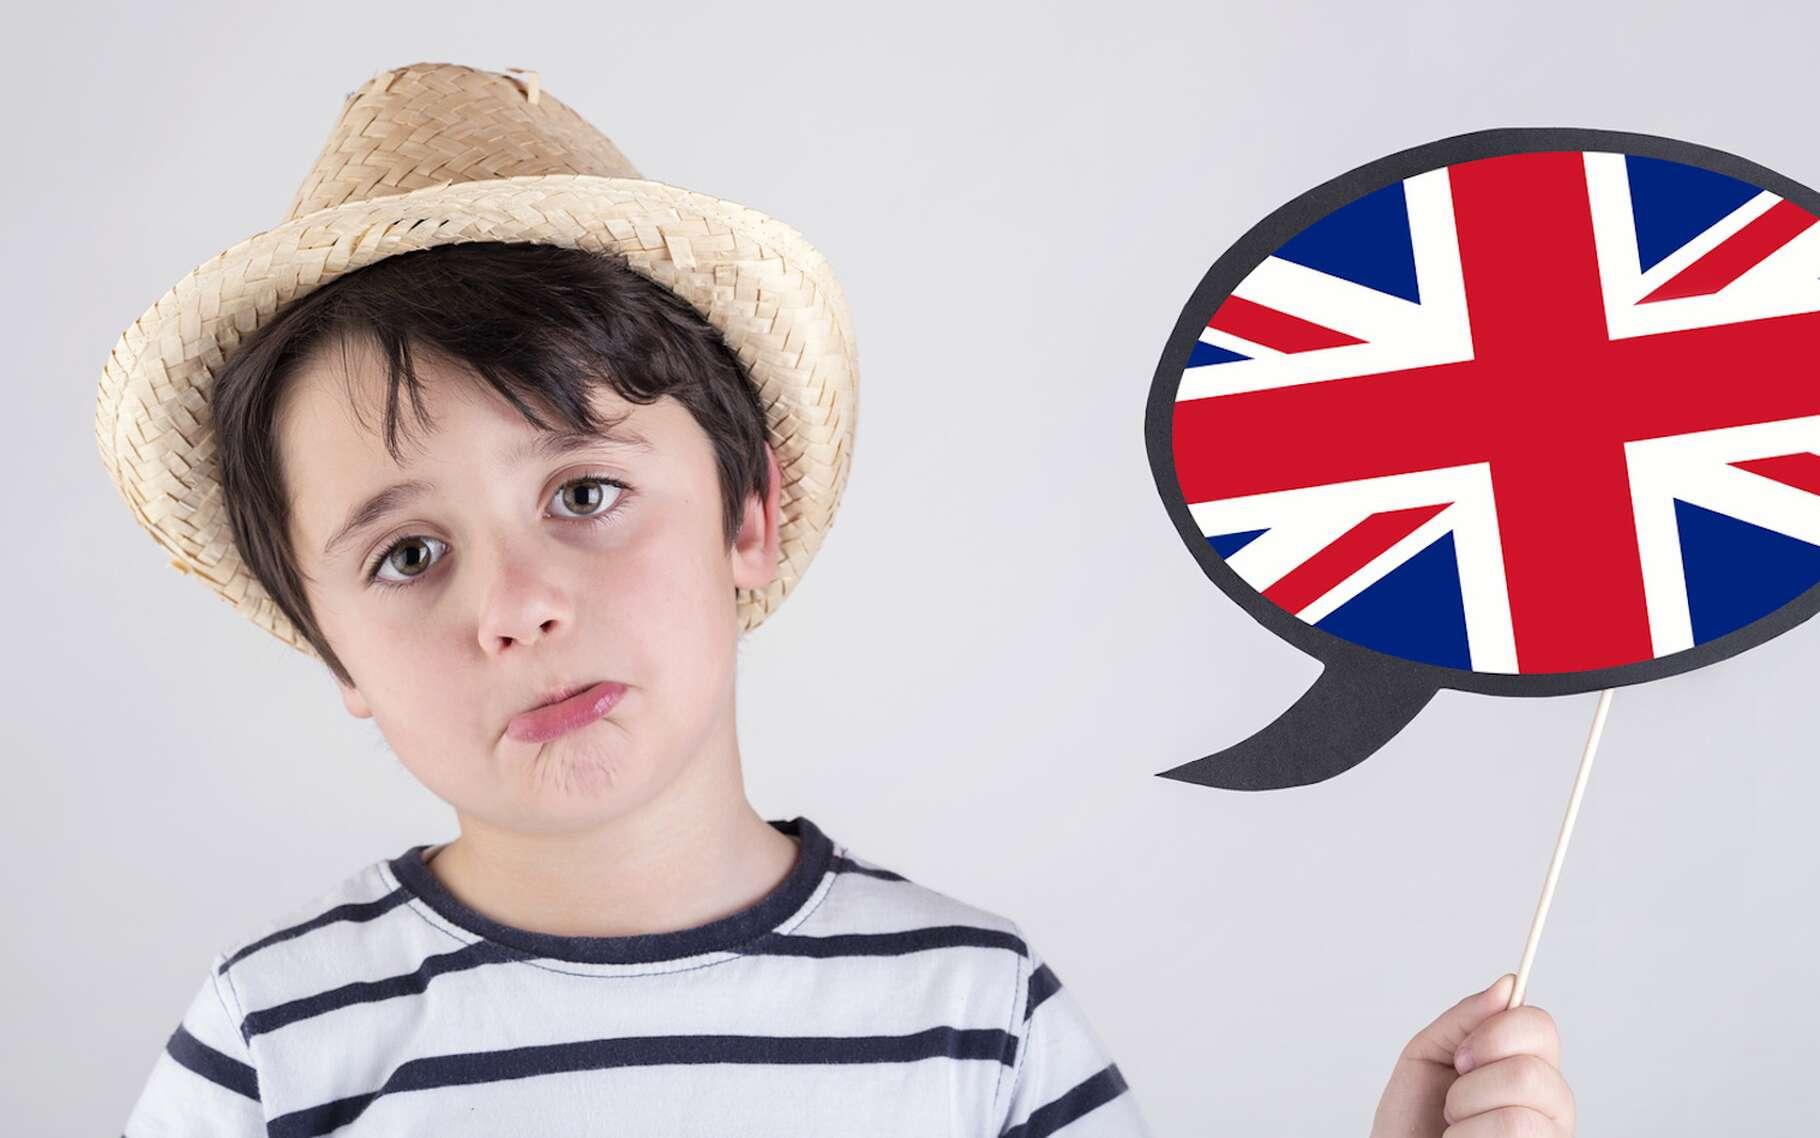 Lorsqu'il s'agit d'apprendre une langue étrangère, les Français ne sont pas doués. Mais peut-être ont-ils une bonne excuse à présenter? © esthermm, Fotolia